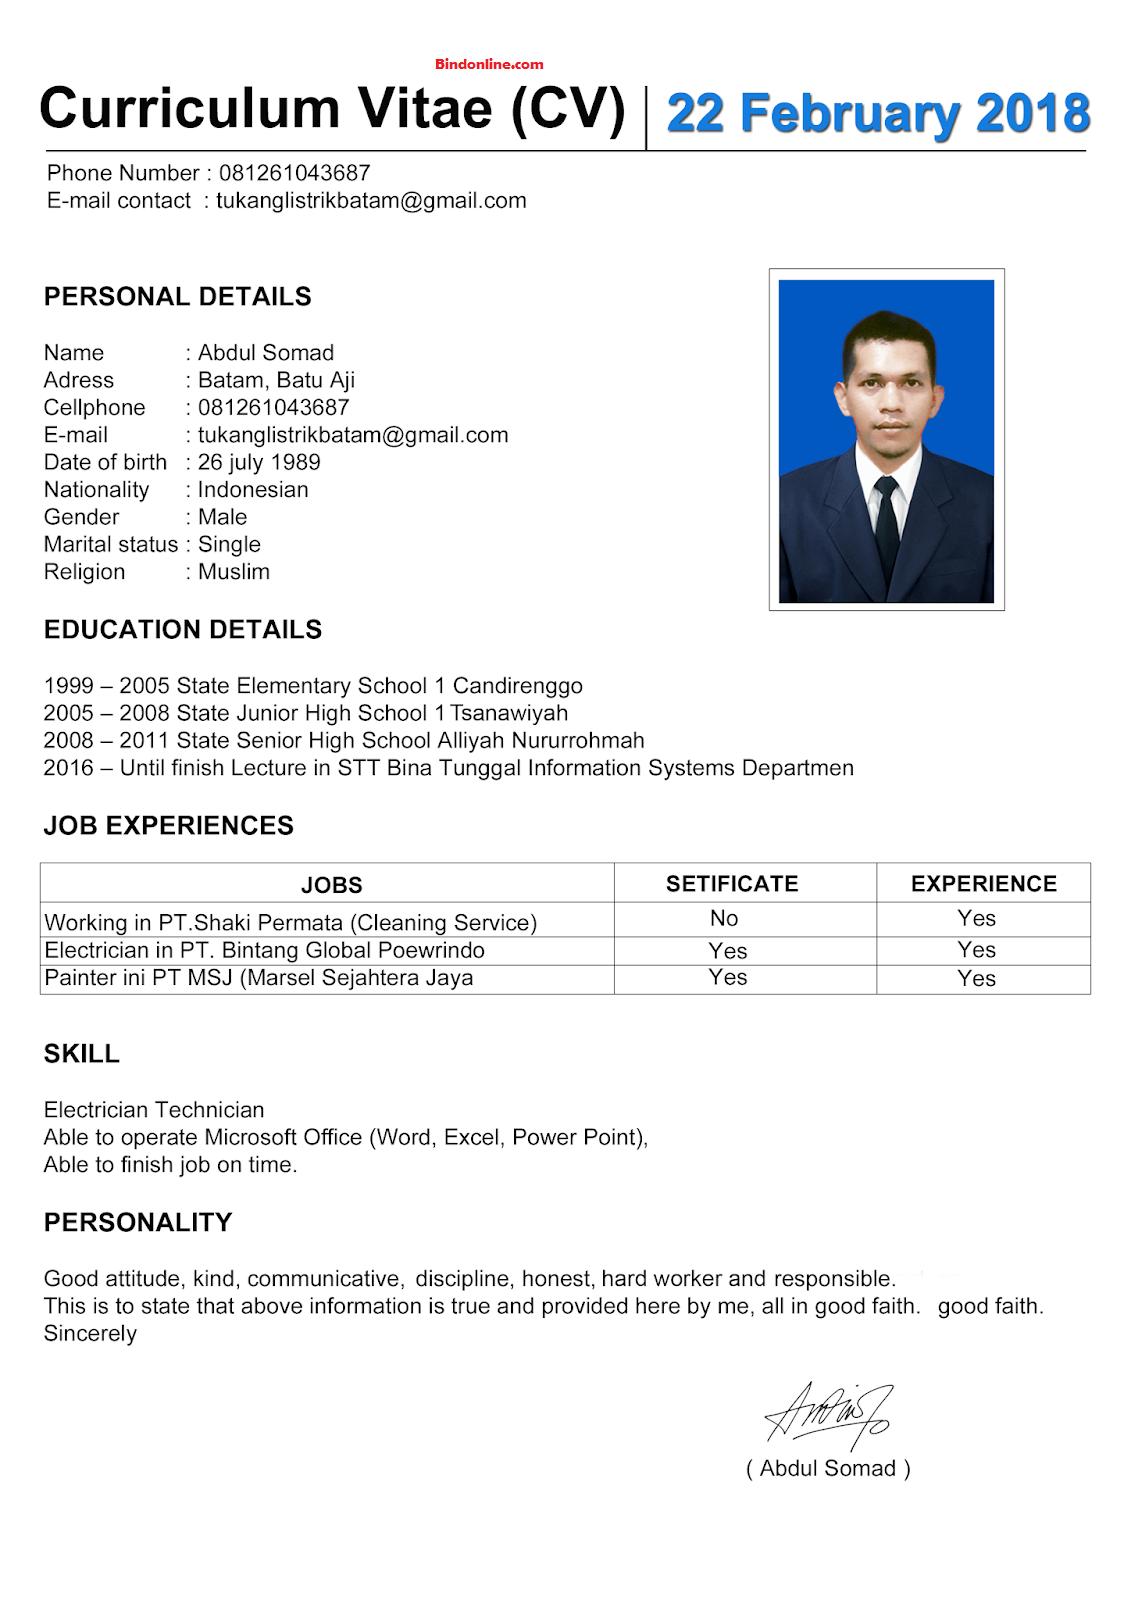 Contoh CV dalam bahasa inggris untuk kerja di bank